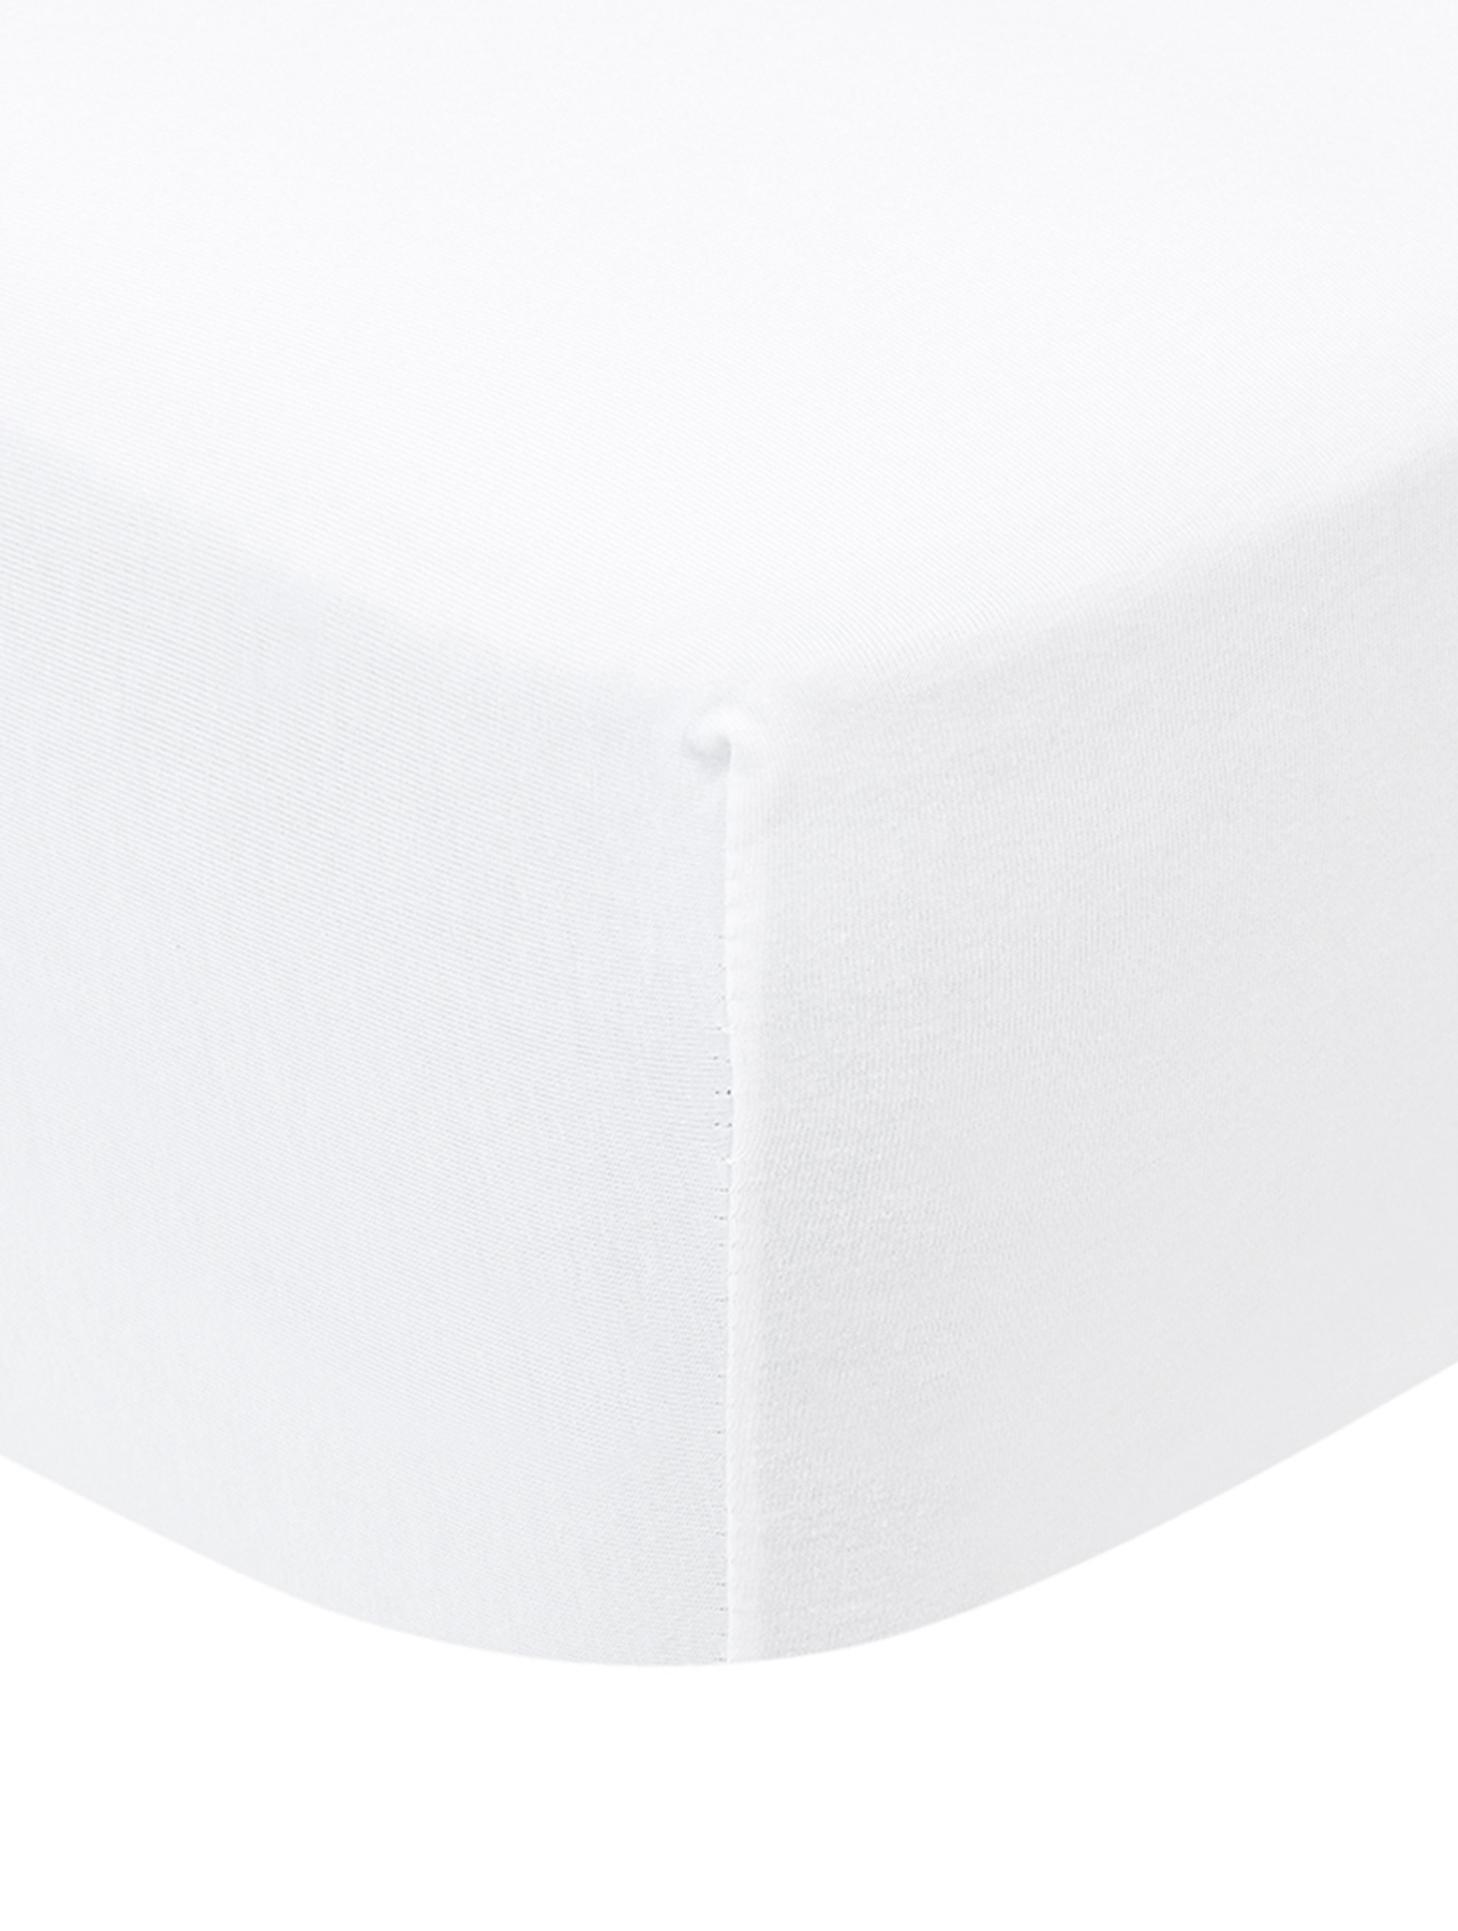 Sábana bajera para cubrecolchón de jersey con elastano Lara, 95%algodón, 5%elastano, Blanco, Cama 180 cm (180 x 200 cm)